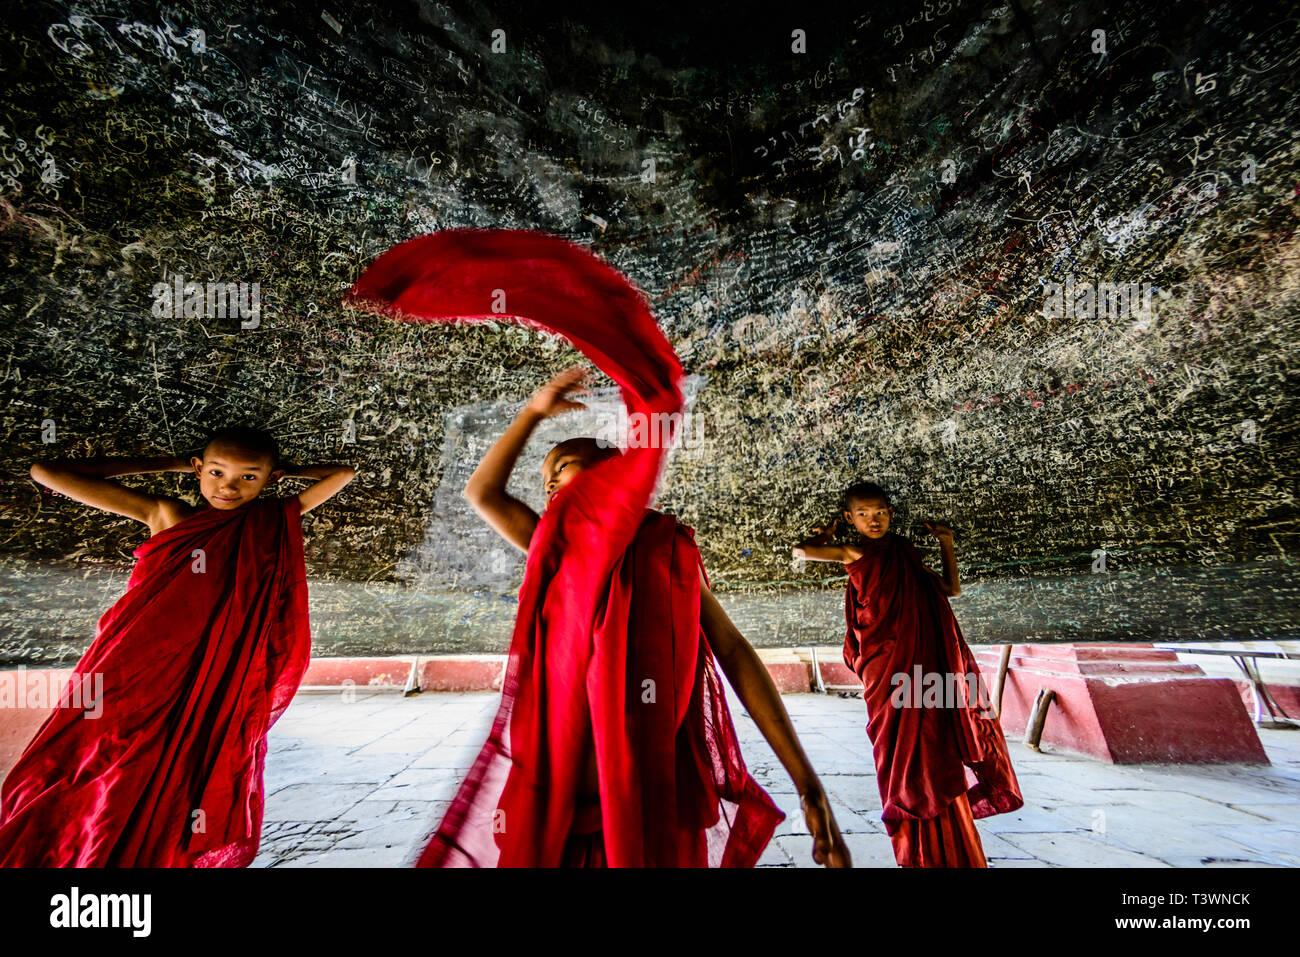 Asian monks dancing in historic temple, Mingun, Mandalay, Myanmar - Stock Image